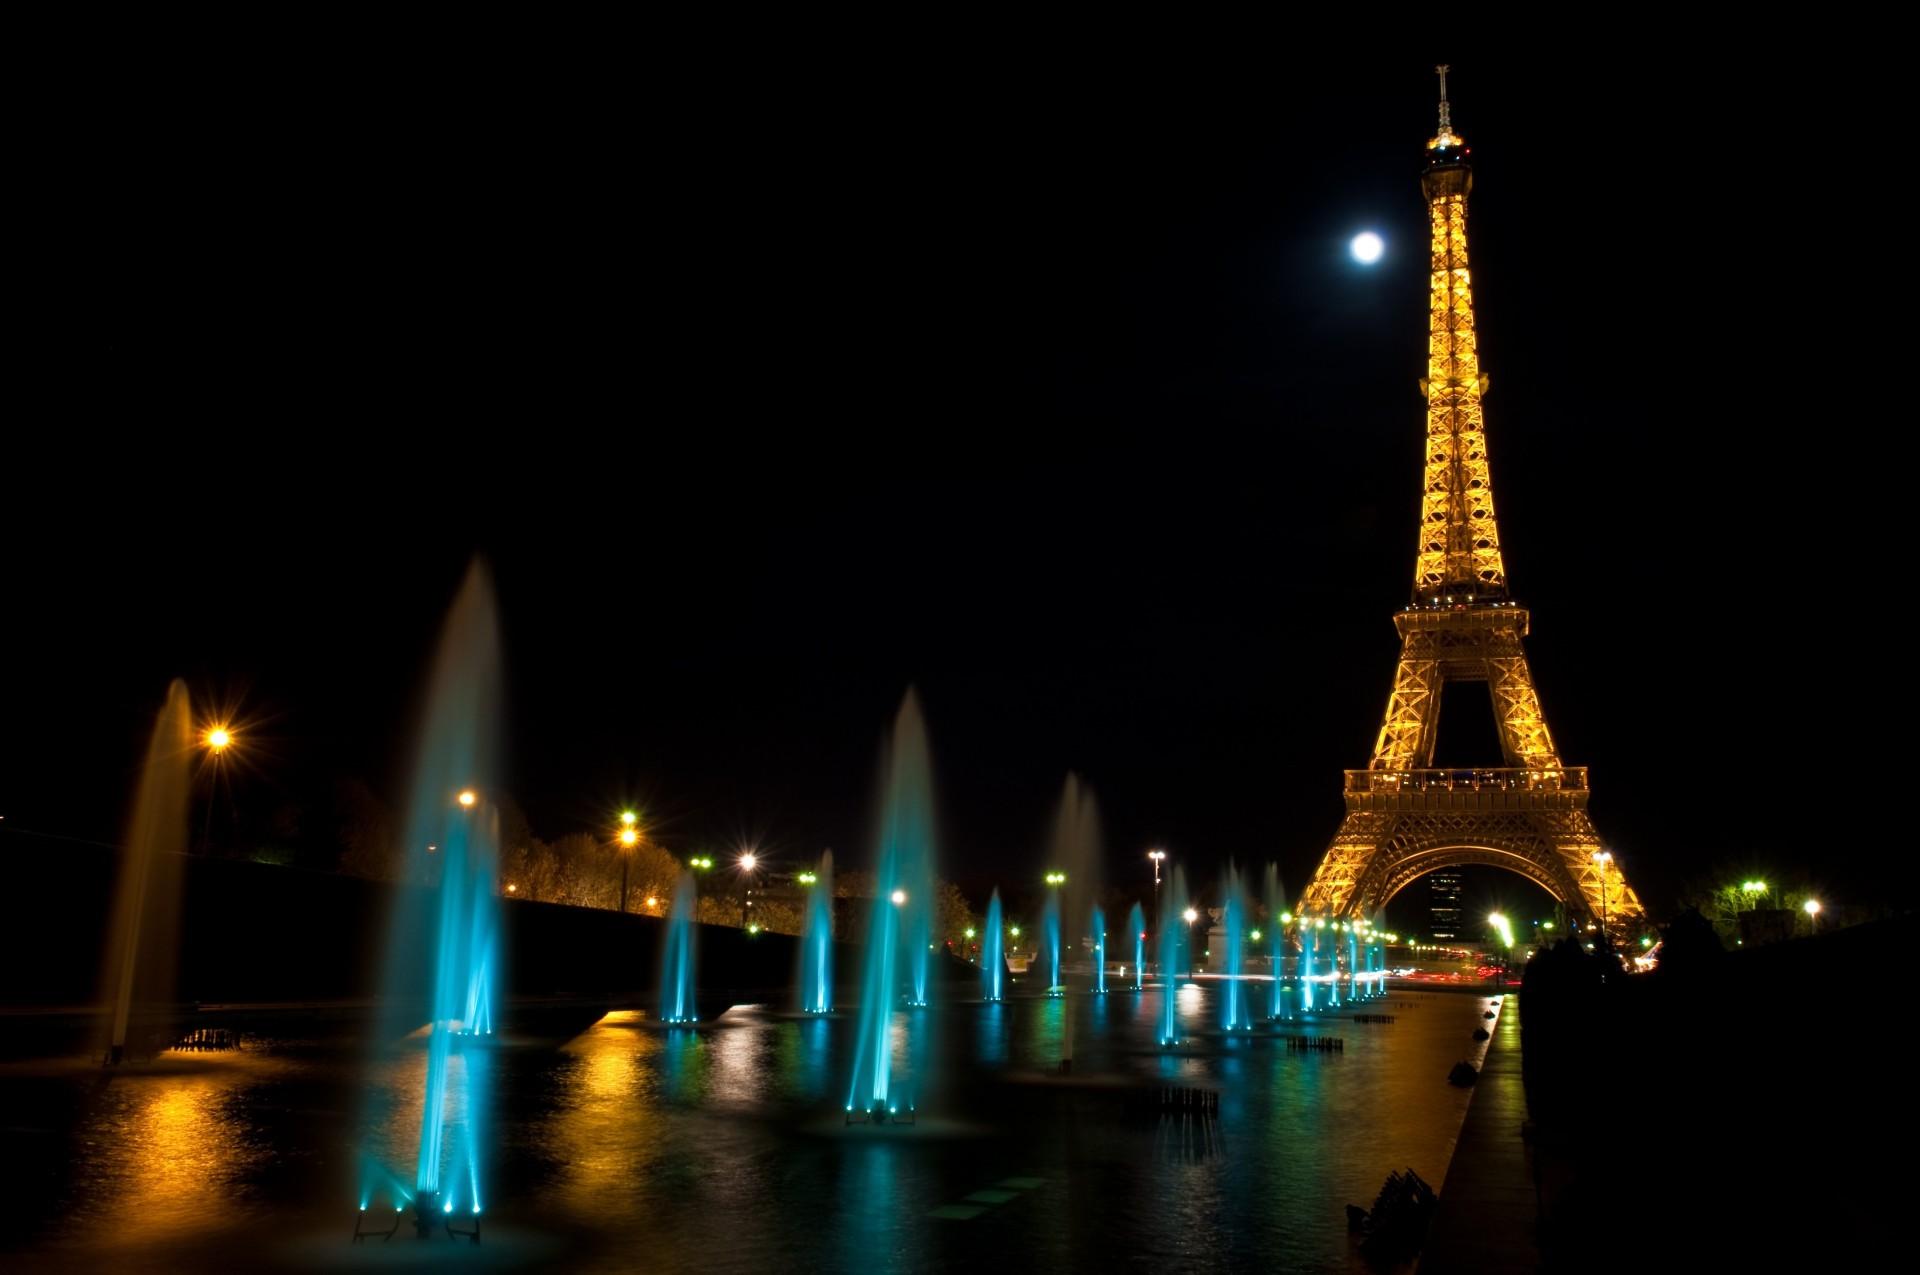 Днем рождения, картинки эйфелевой башни в париже ночью